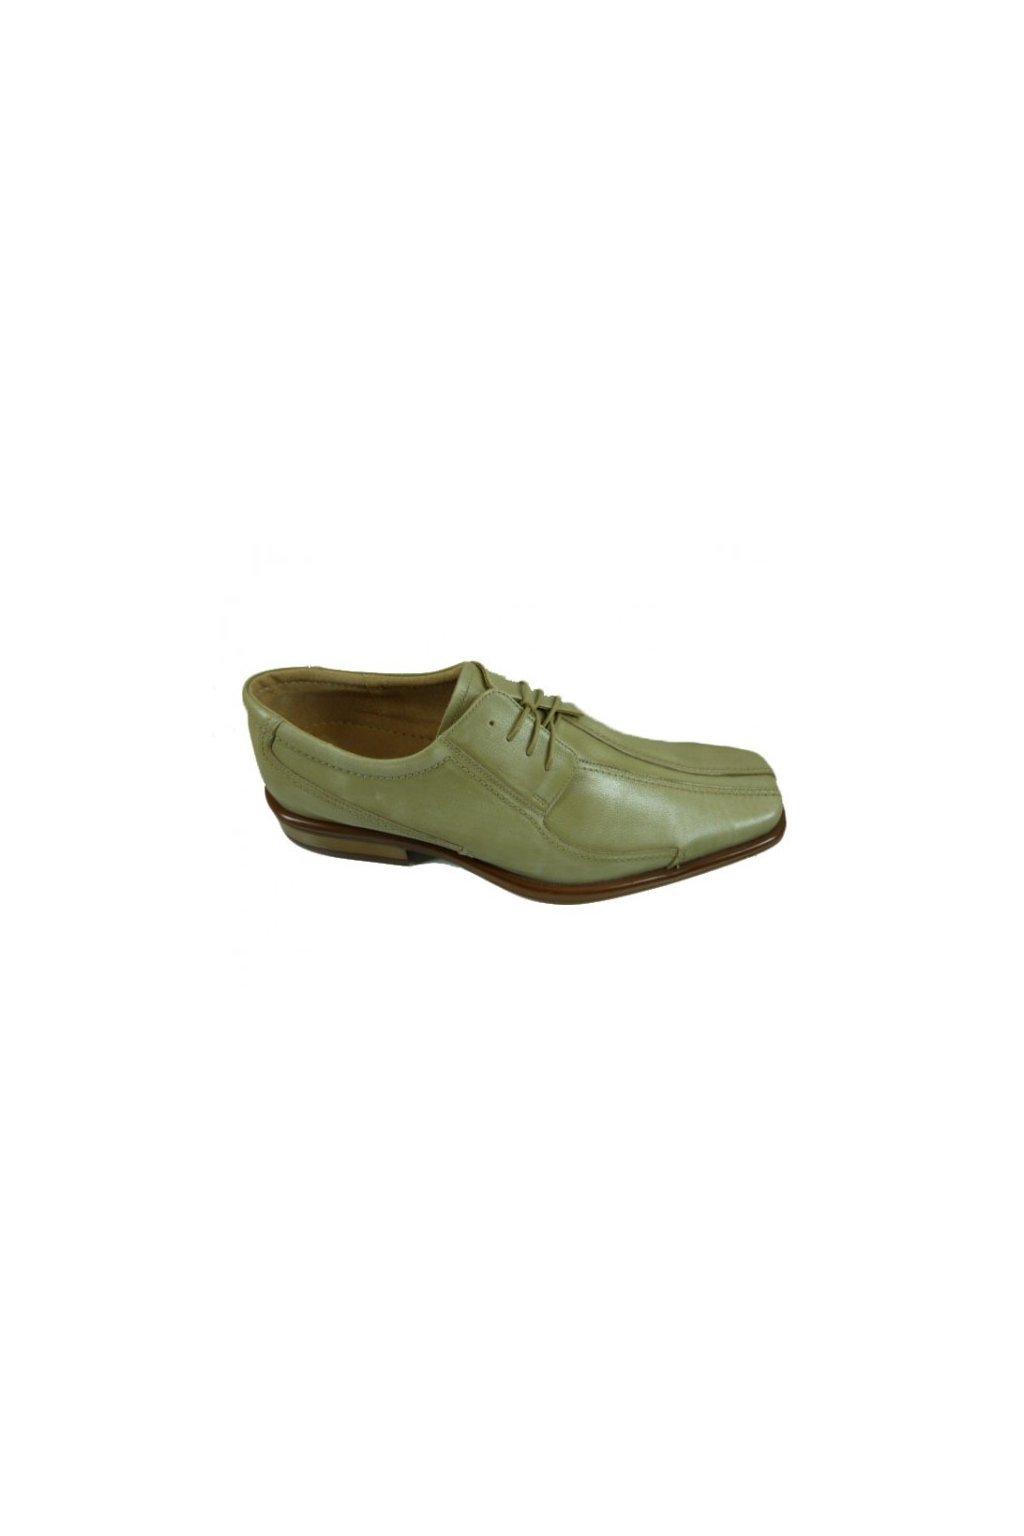 Nadměrná pánská obuv Kuda 524 béžová